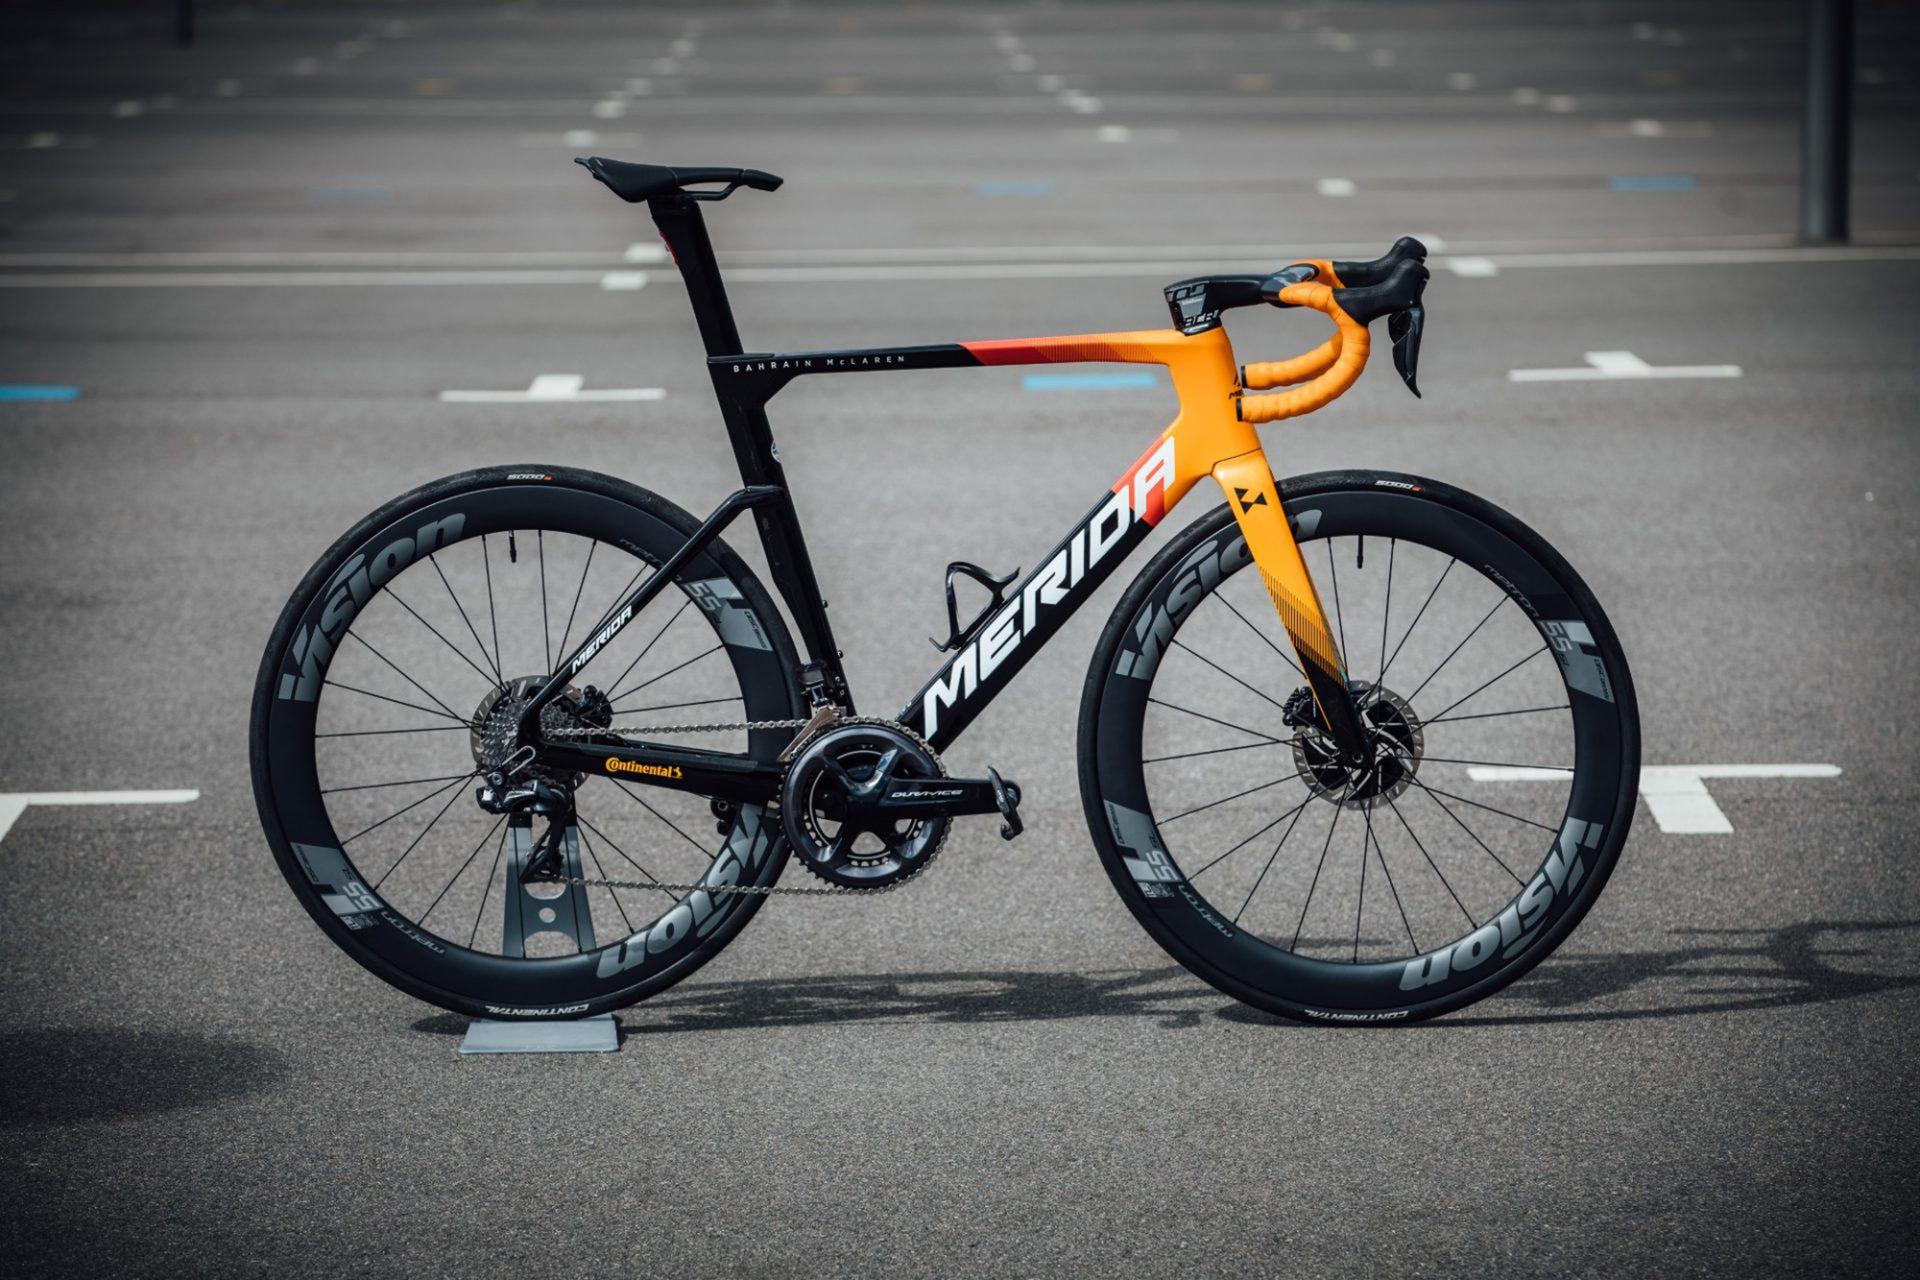 Merida Reacto, nowe Reacto, Reacto Disc, Bahrain McLaren, rowery Merida, rowery szosowe Merida, rowery szosowe, rower szosa